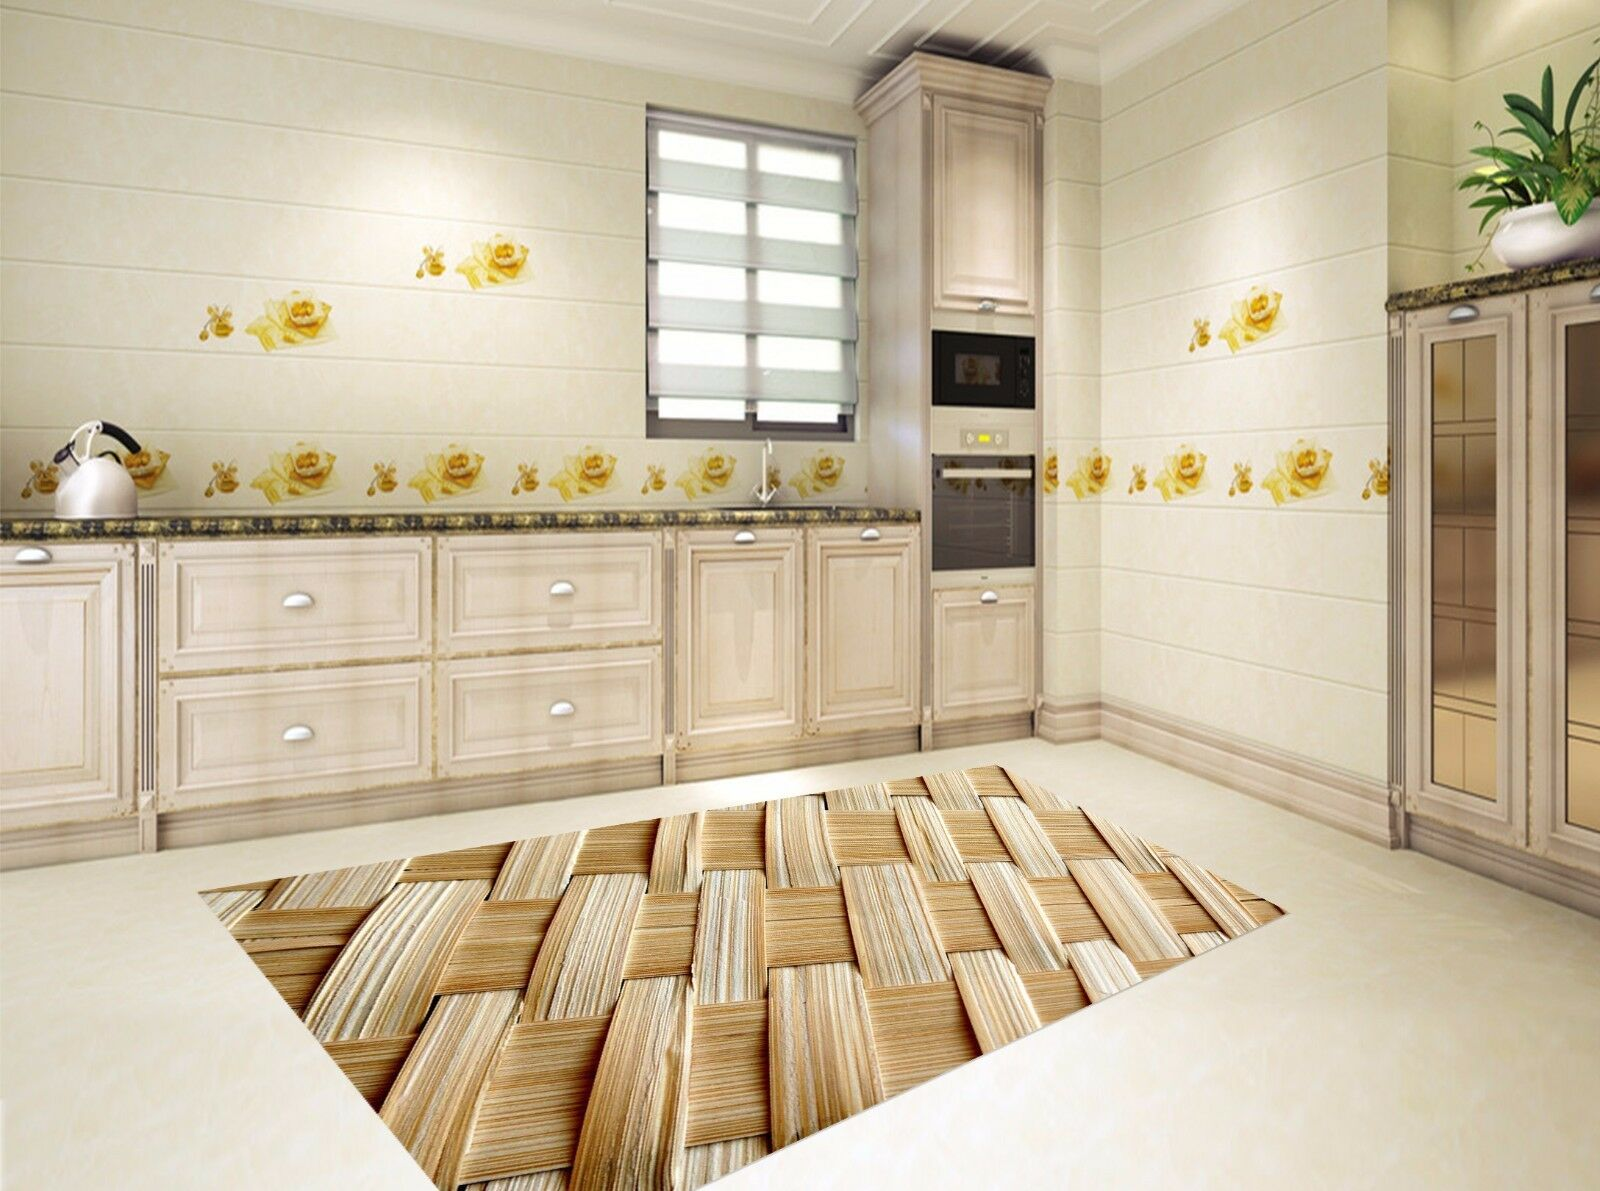 3D Bamboo 722 Kitchen Mat Floor Murals Wall Print Wall AJ WALLPAPER UK Kyra